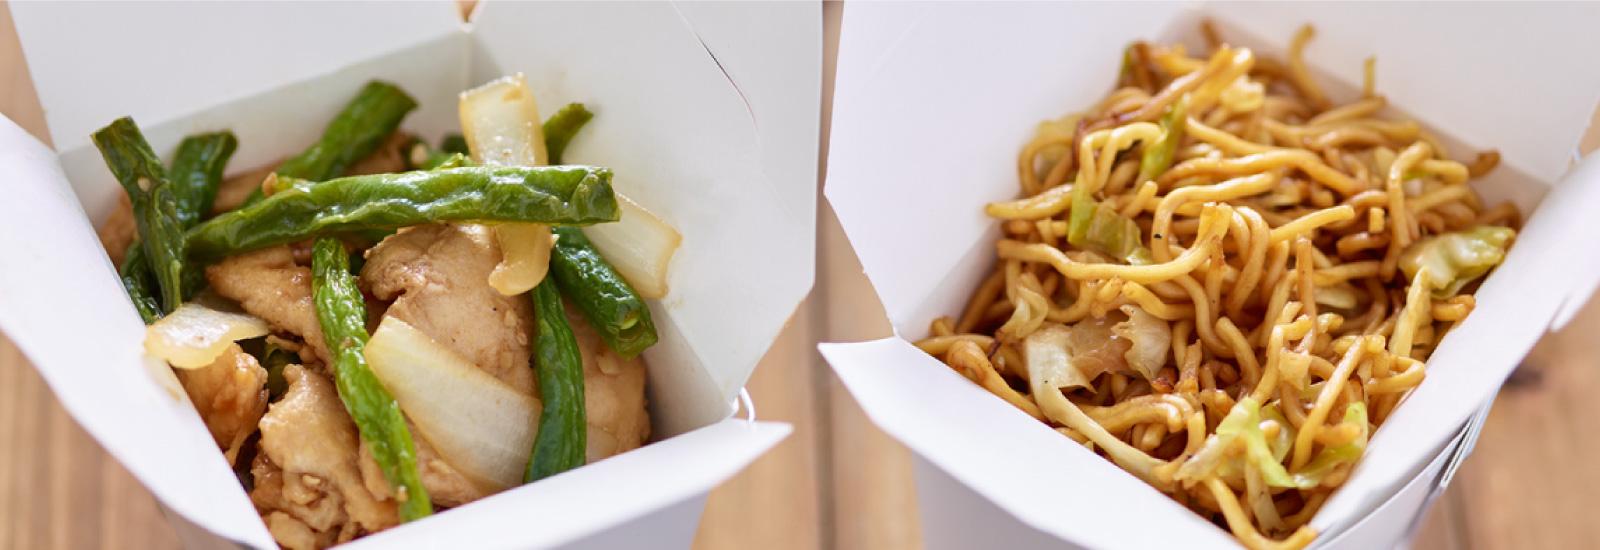 Chinese Restaurants in Yuba City